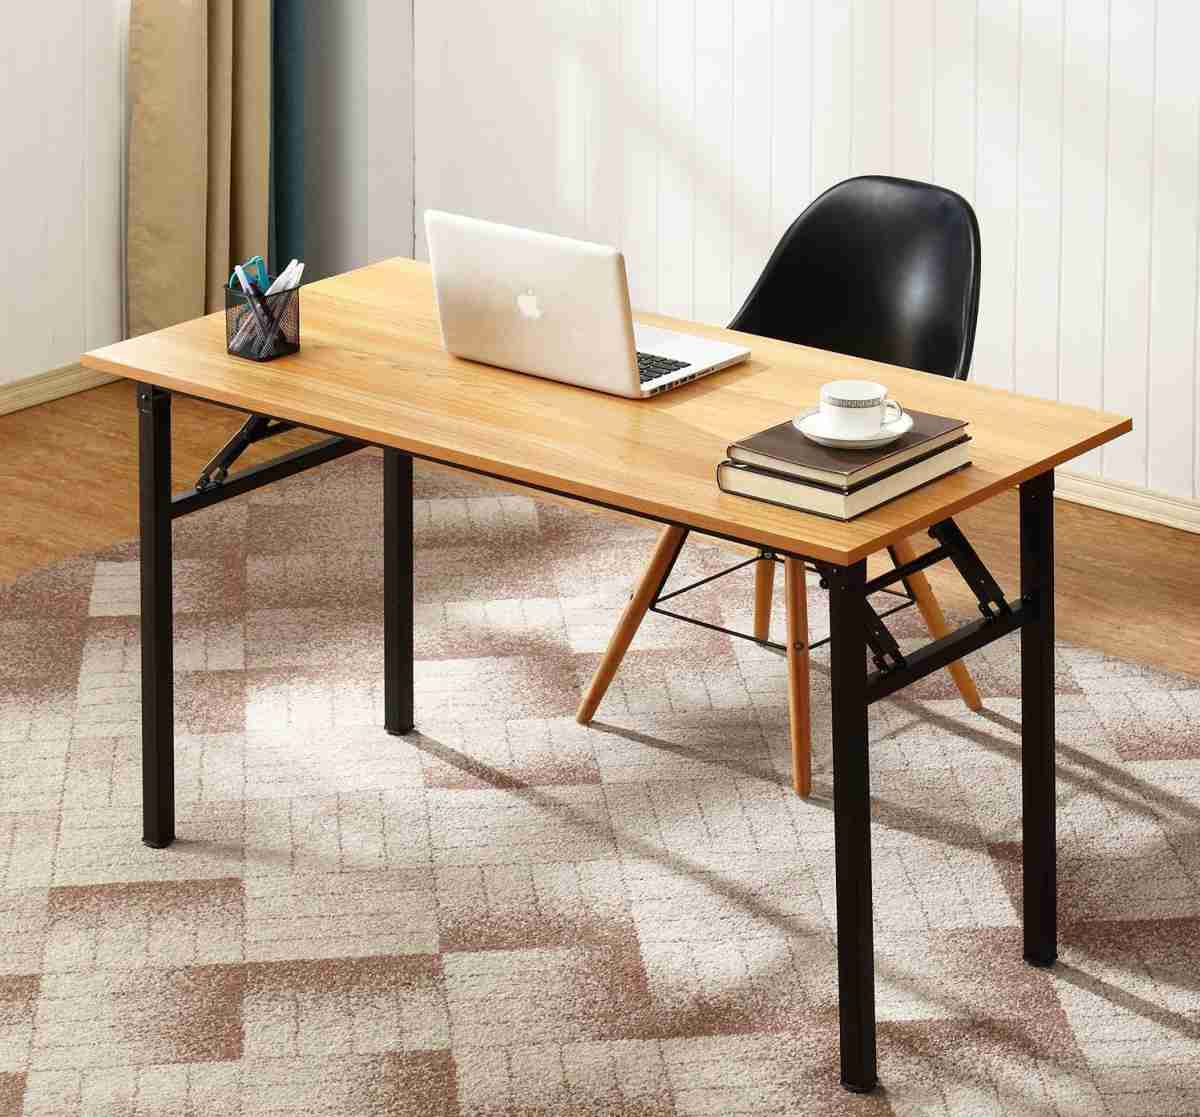 tavolo-da-lavoro-per-pc-computer-semplice-moderno-prezzo-economico